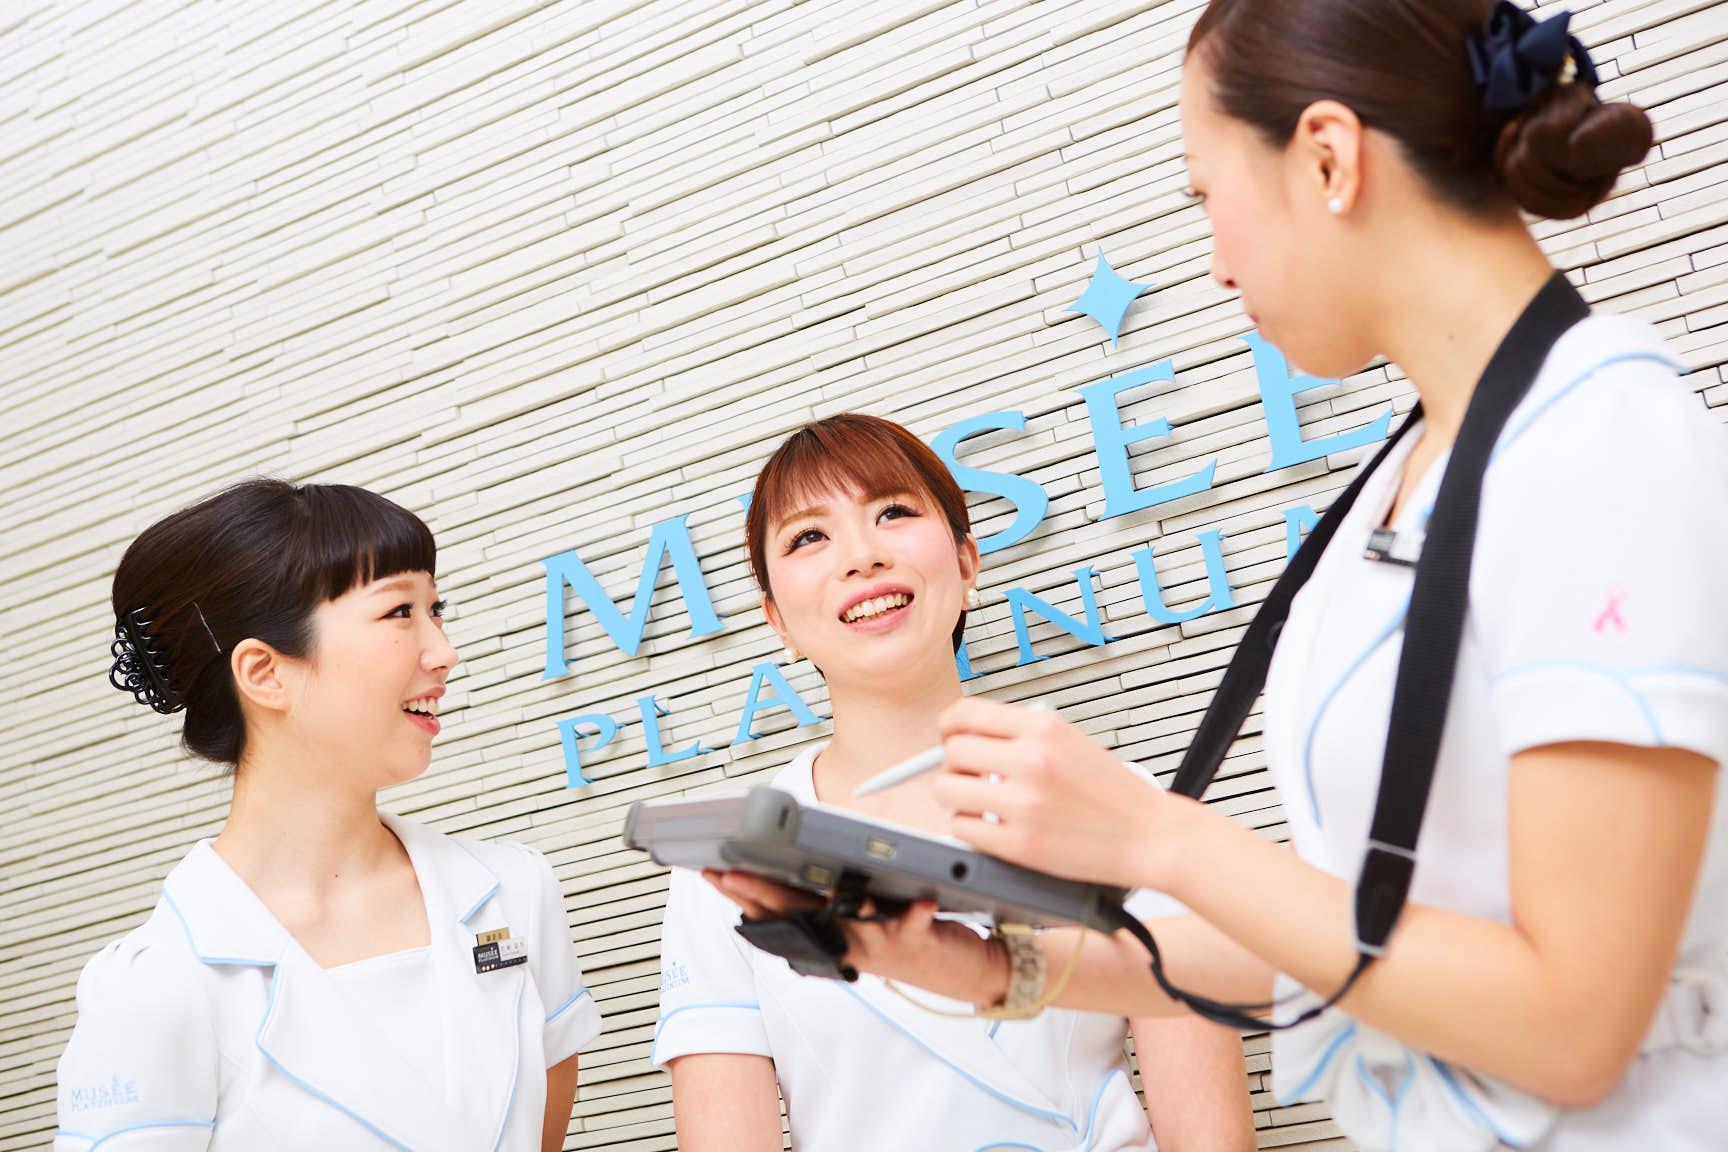 ミュゼプラチナム 五反田店のアルバイト情報